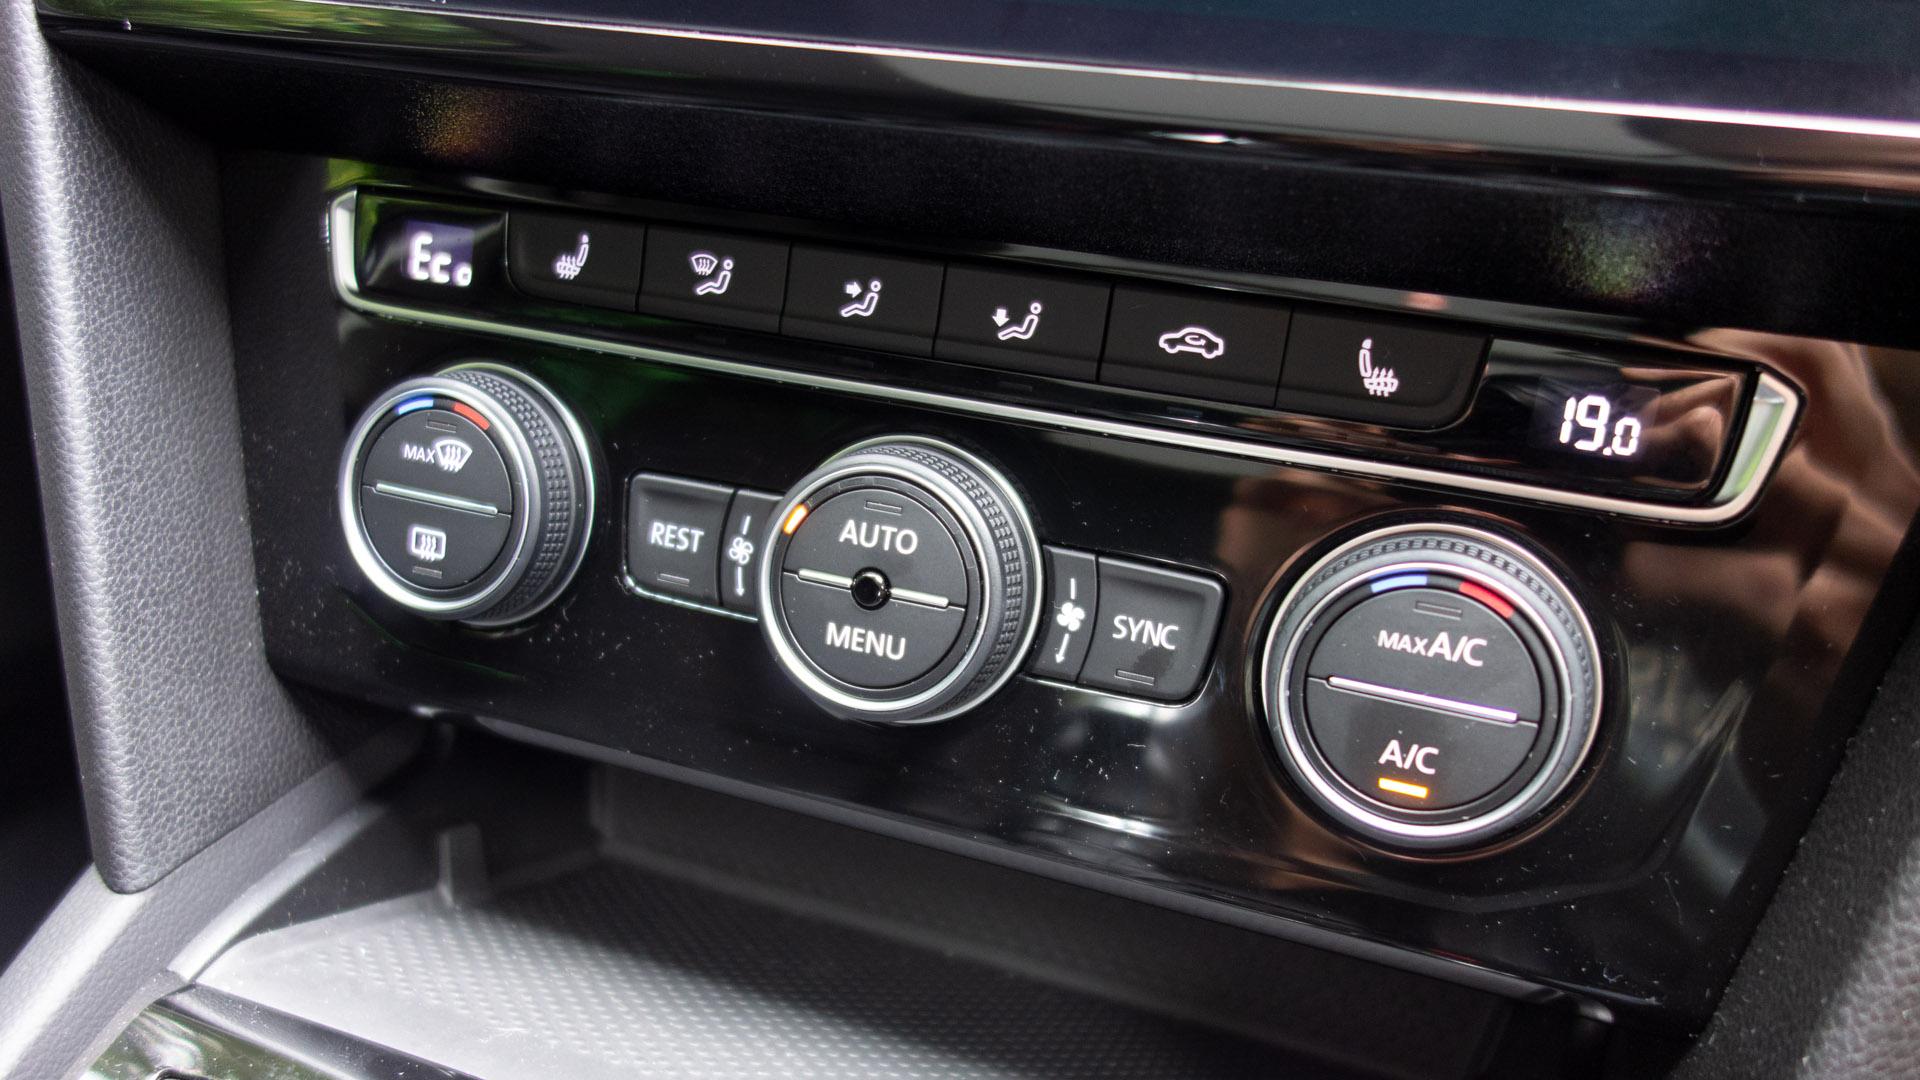 Volkswagen Passat Estate GTE climate controls